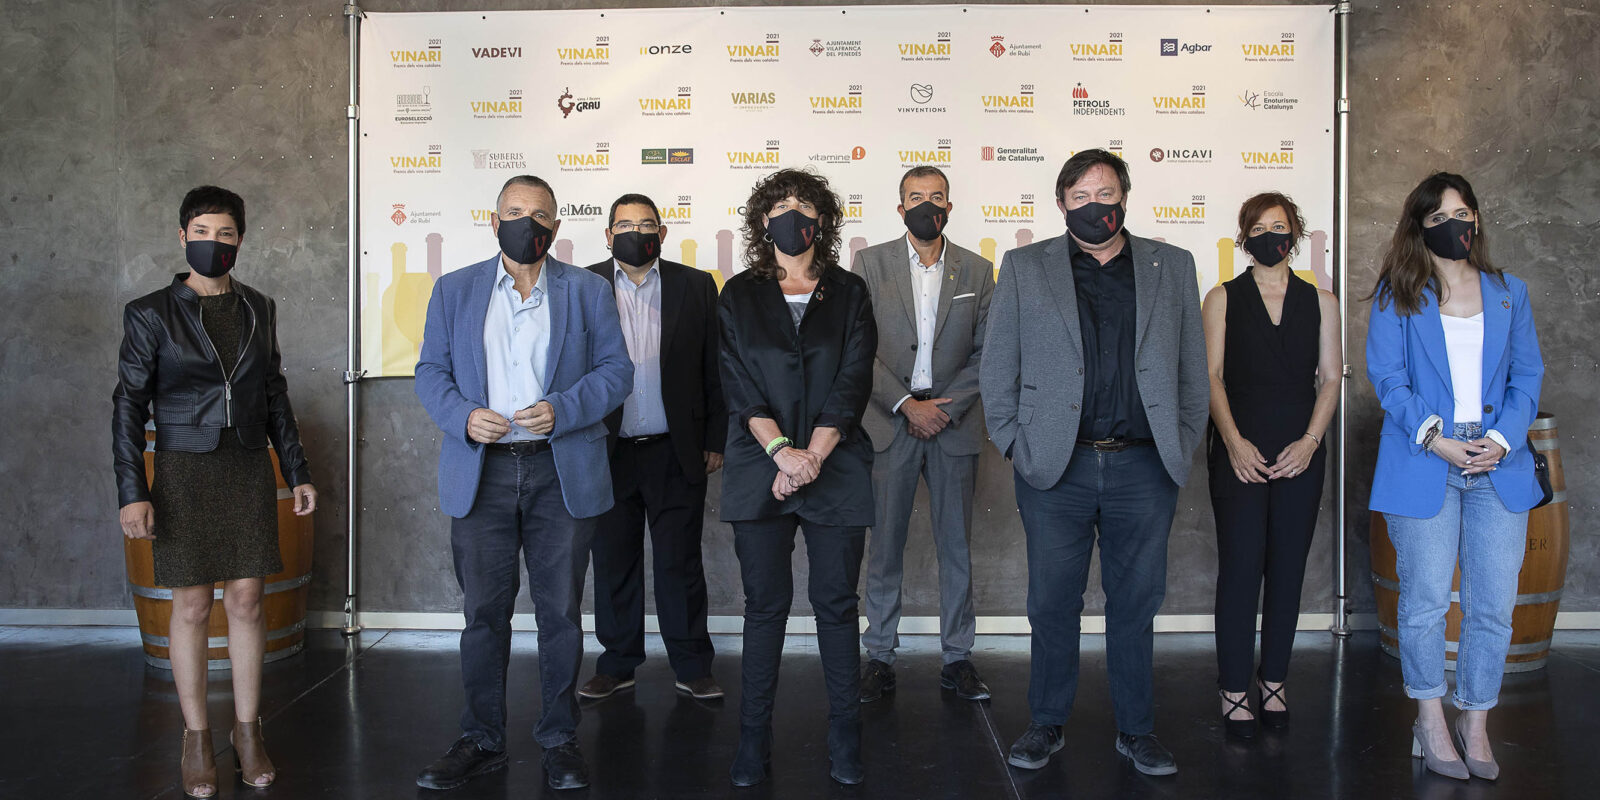 Gala d'Estiu dels Premis Vinari 2021 |Vadevi/Jordi Play